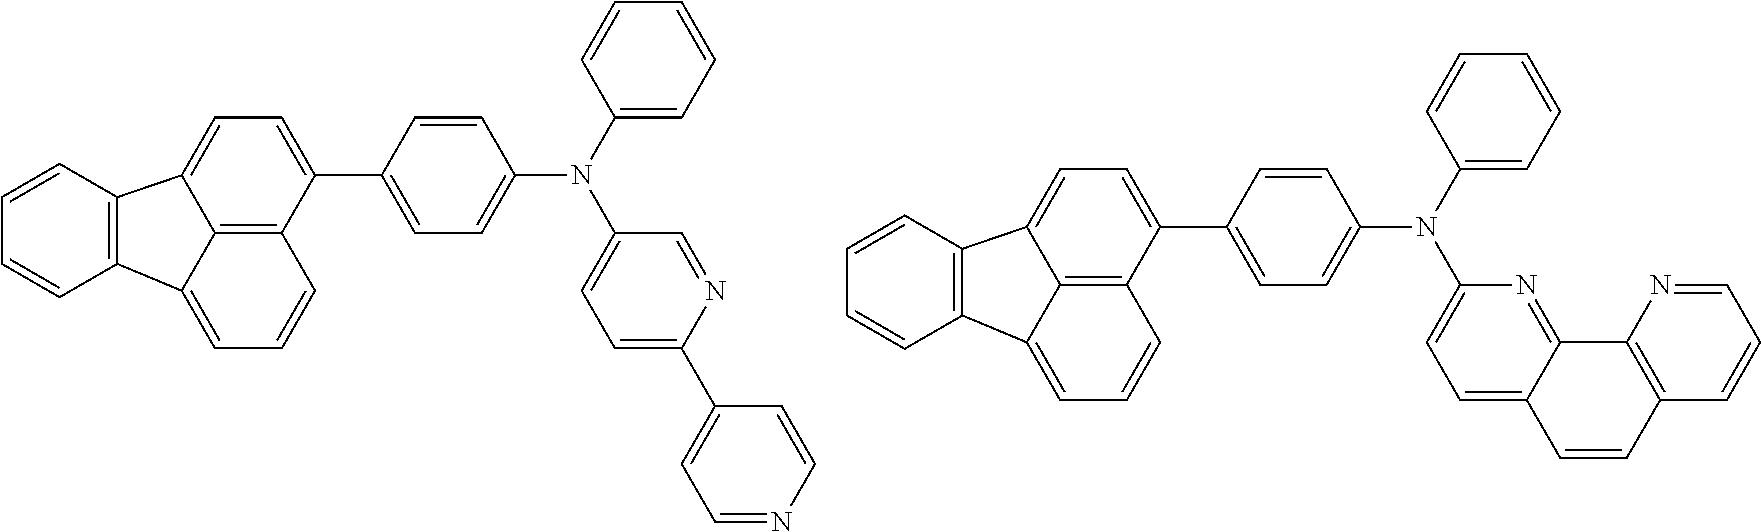 Figure US20150280139A1-20151001-C00090